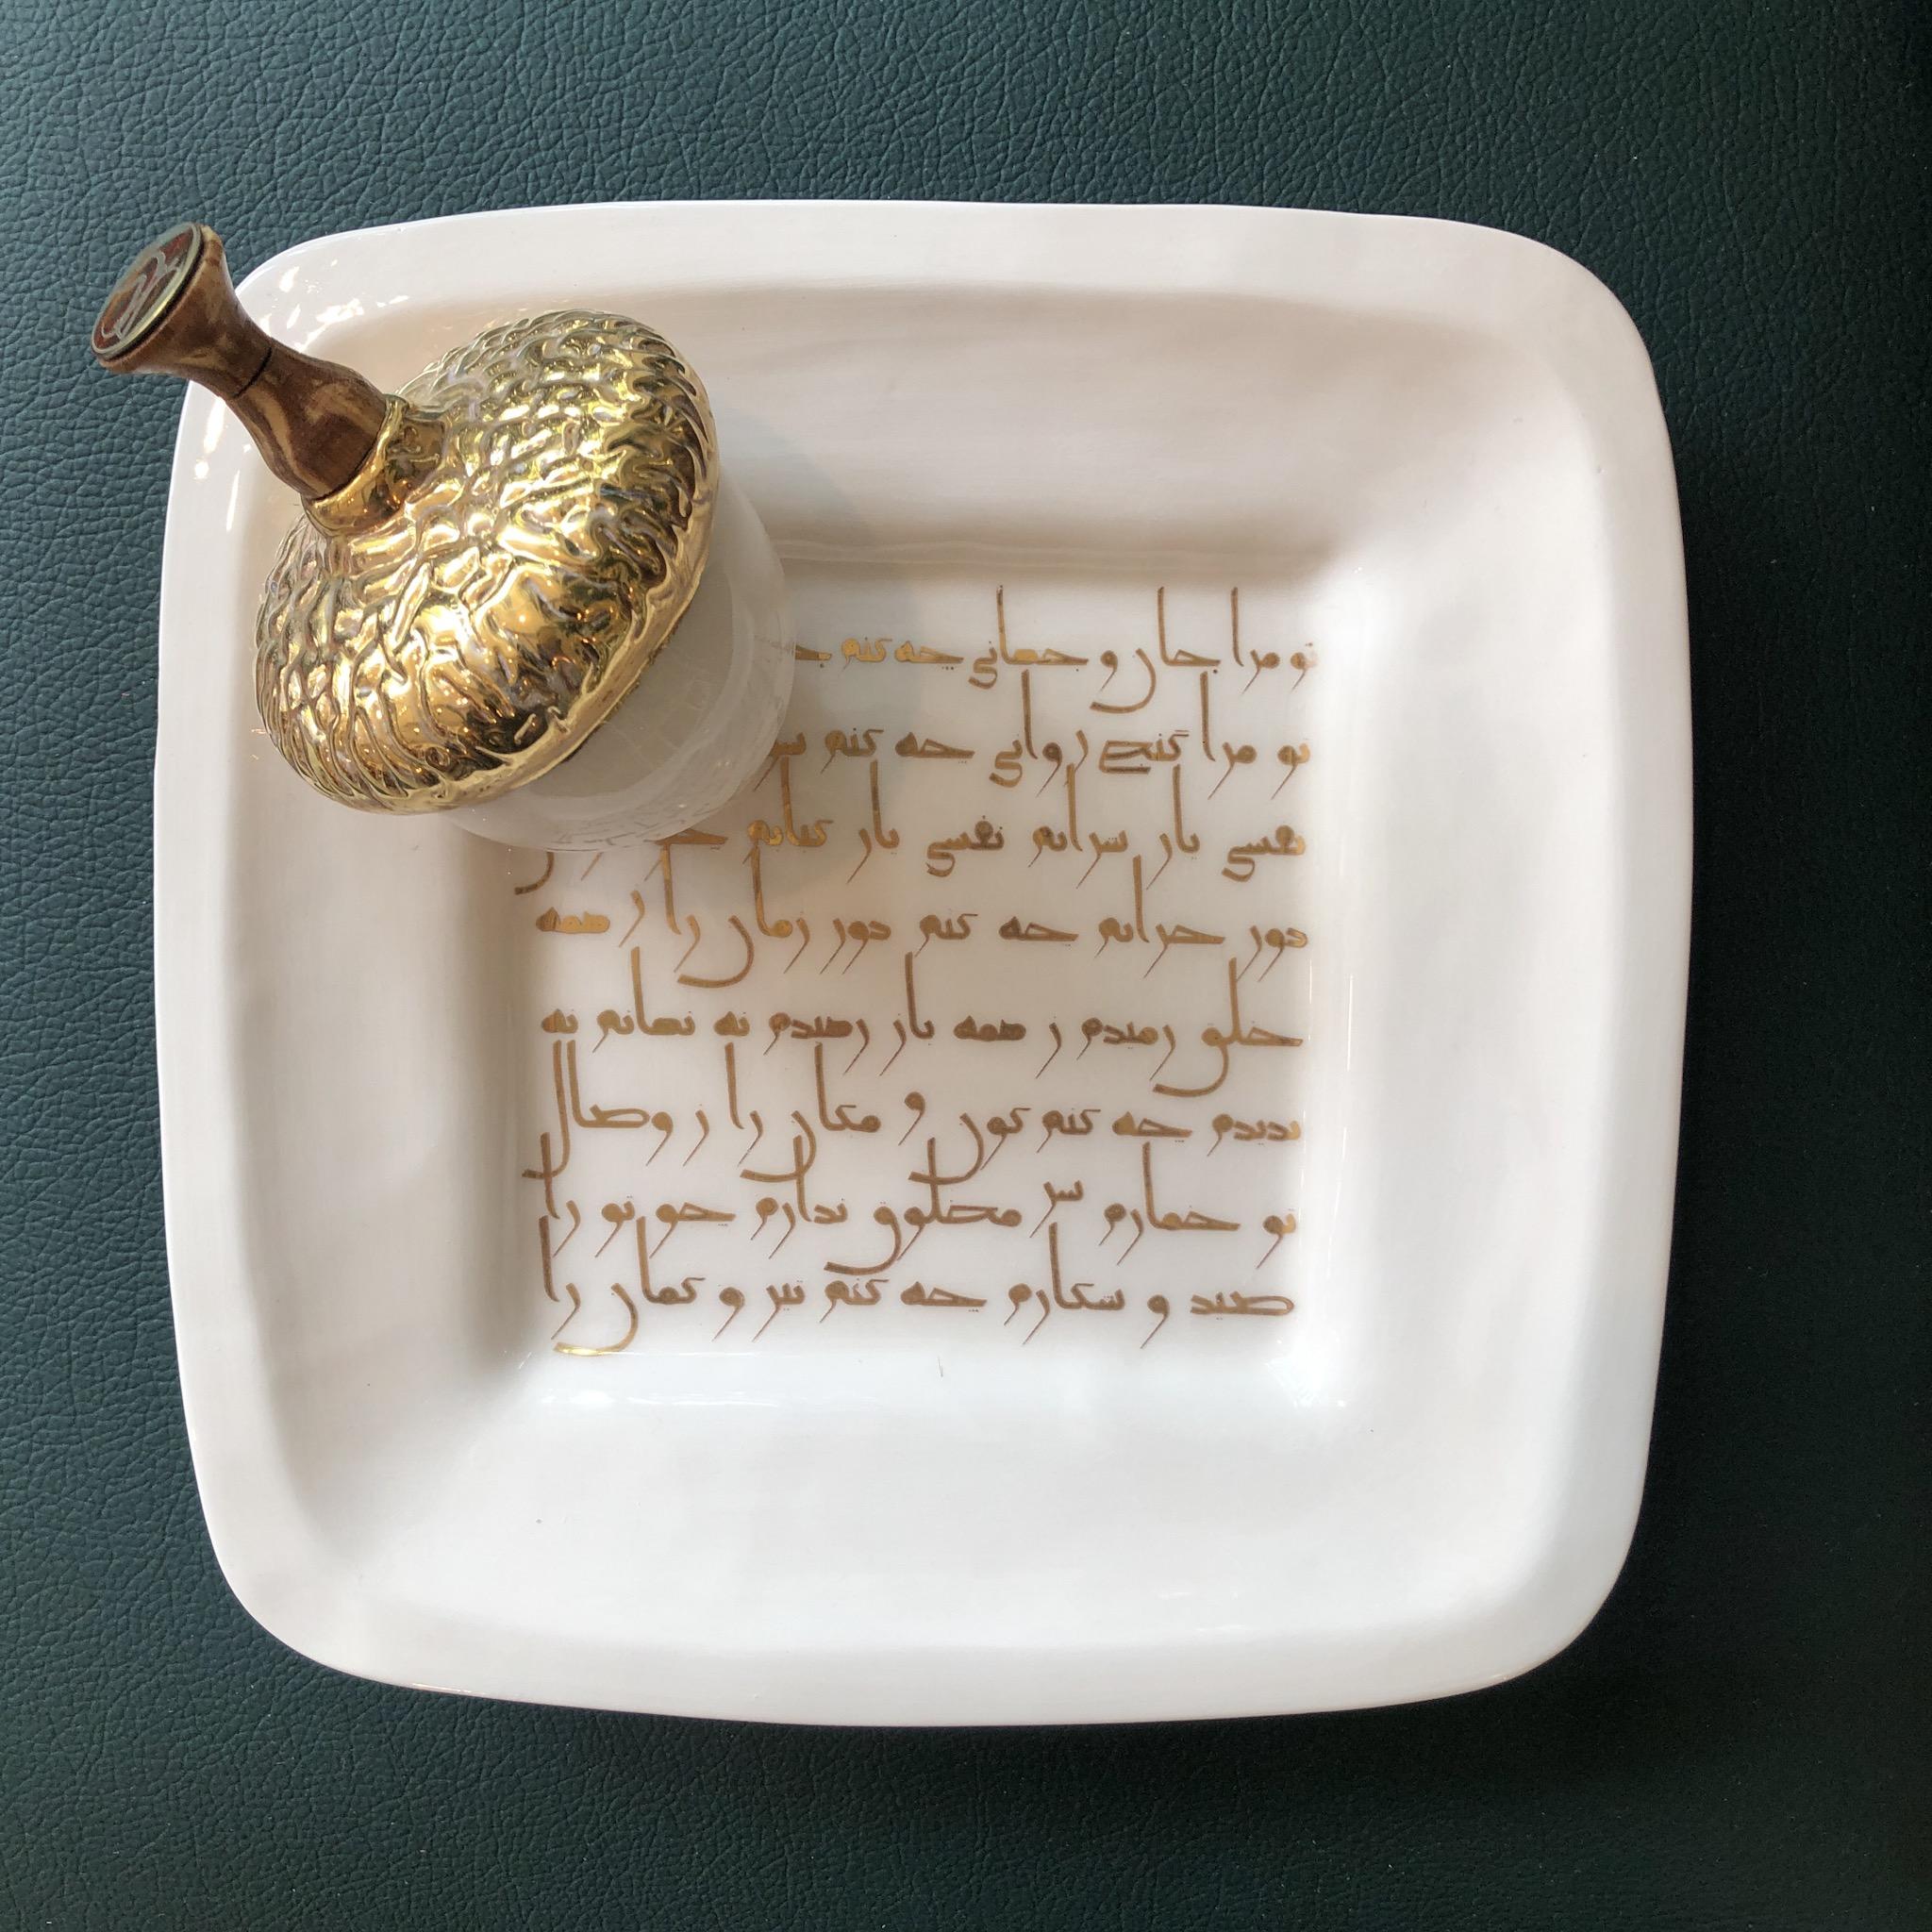 Frame Ceramic handmade plate 24 x24 cm تو مرا جان و جهانی